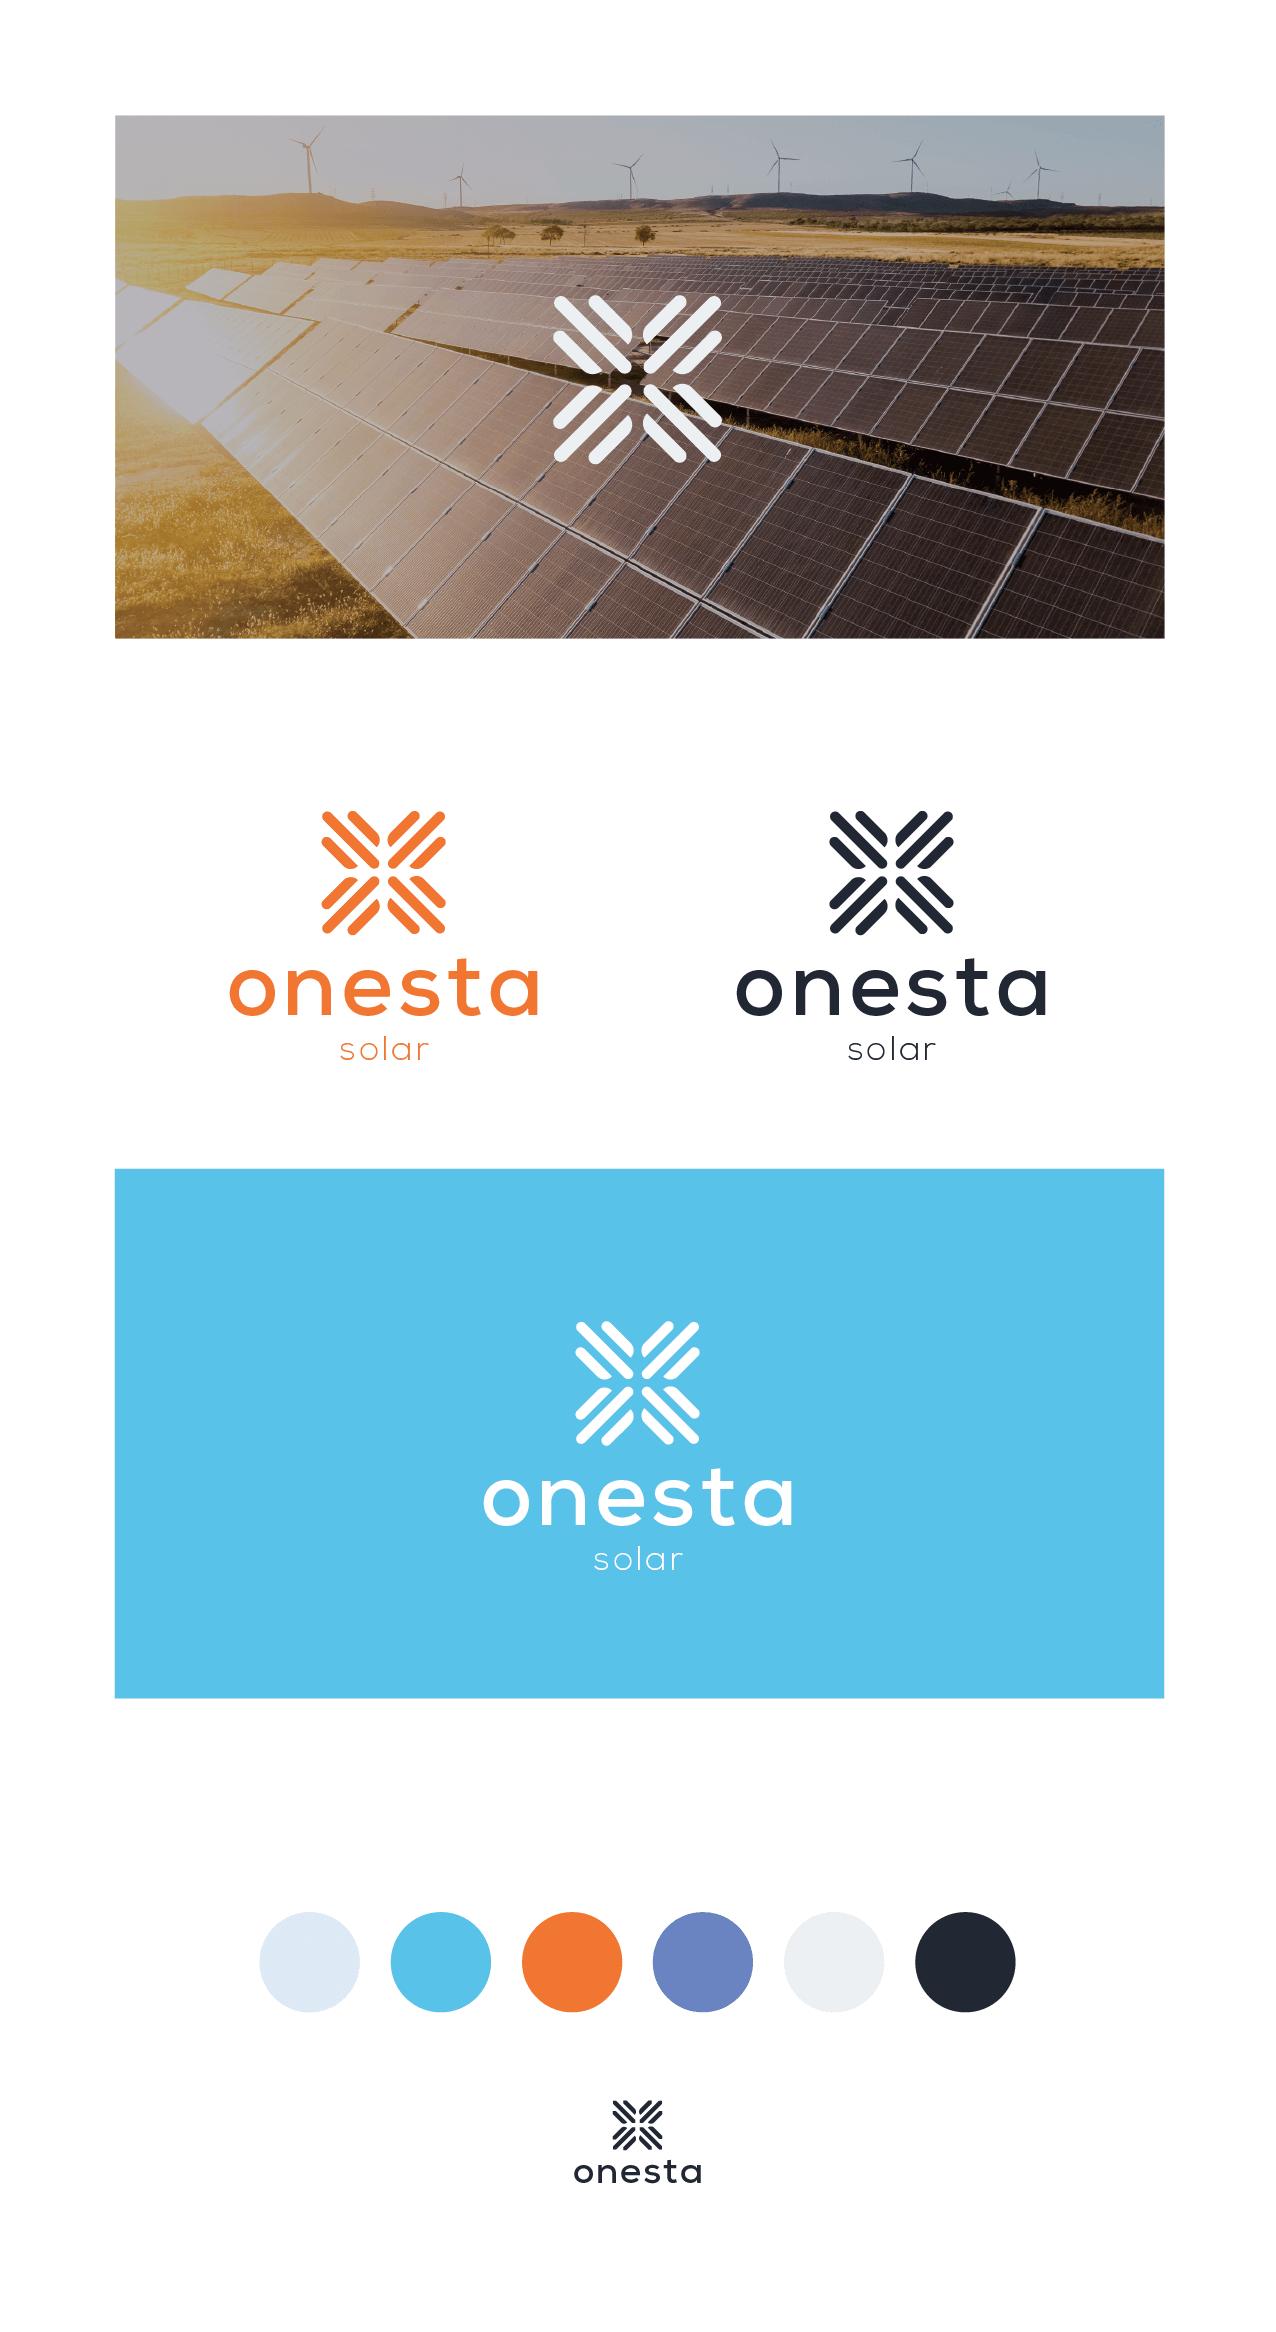 Onesta_Logos_Rnd1.png